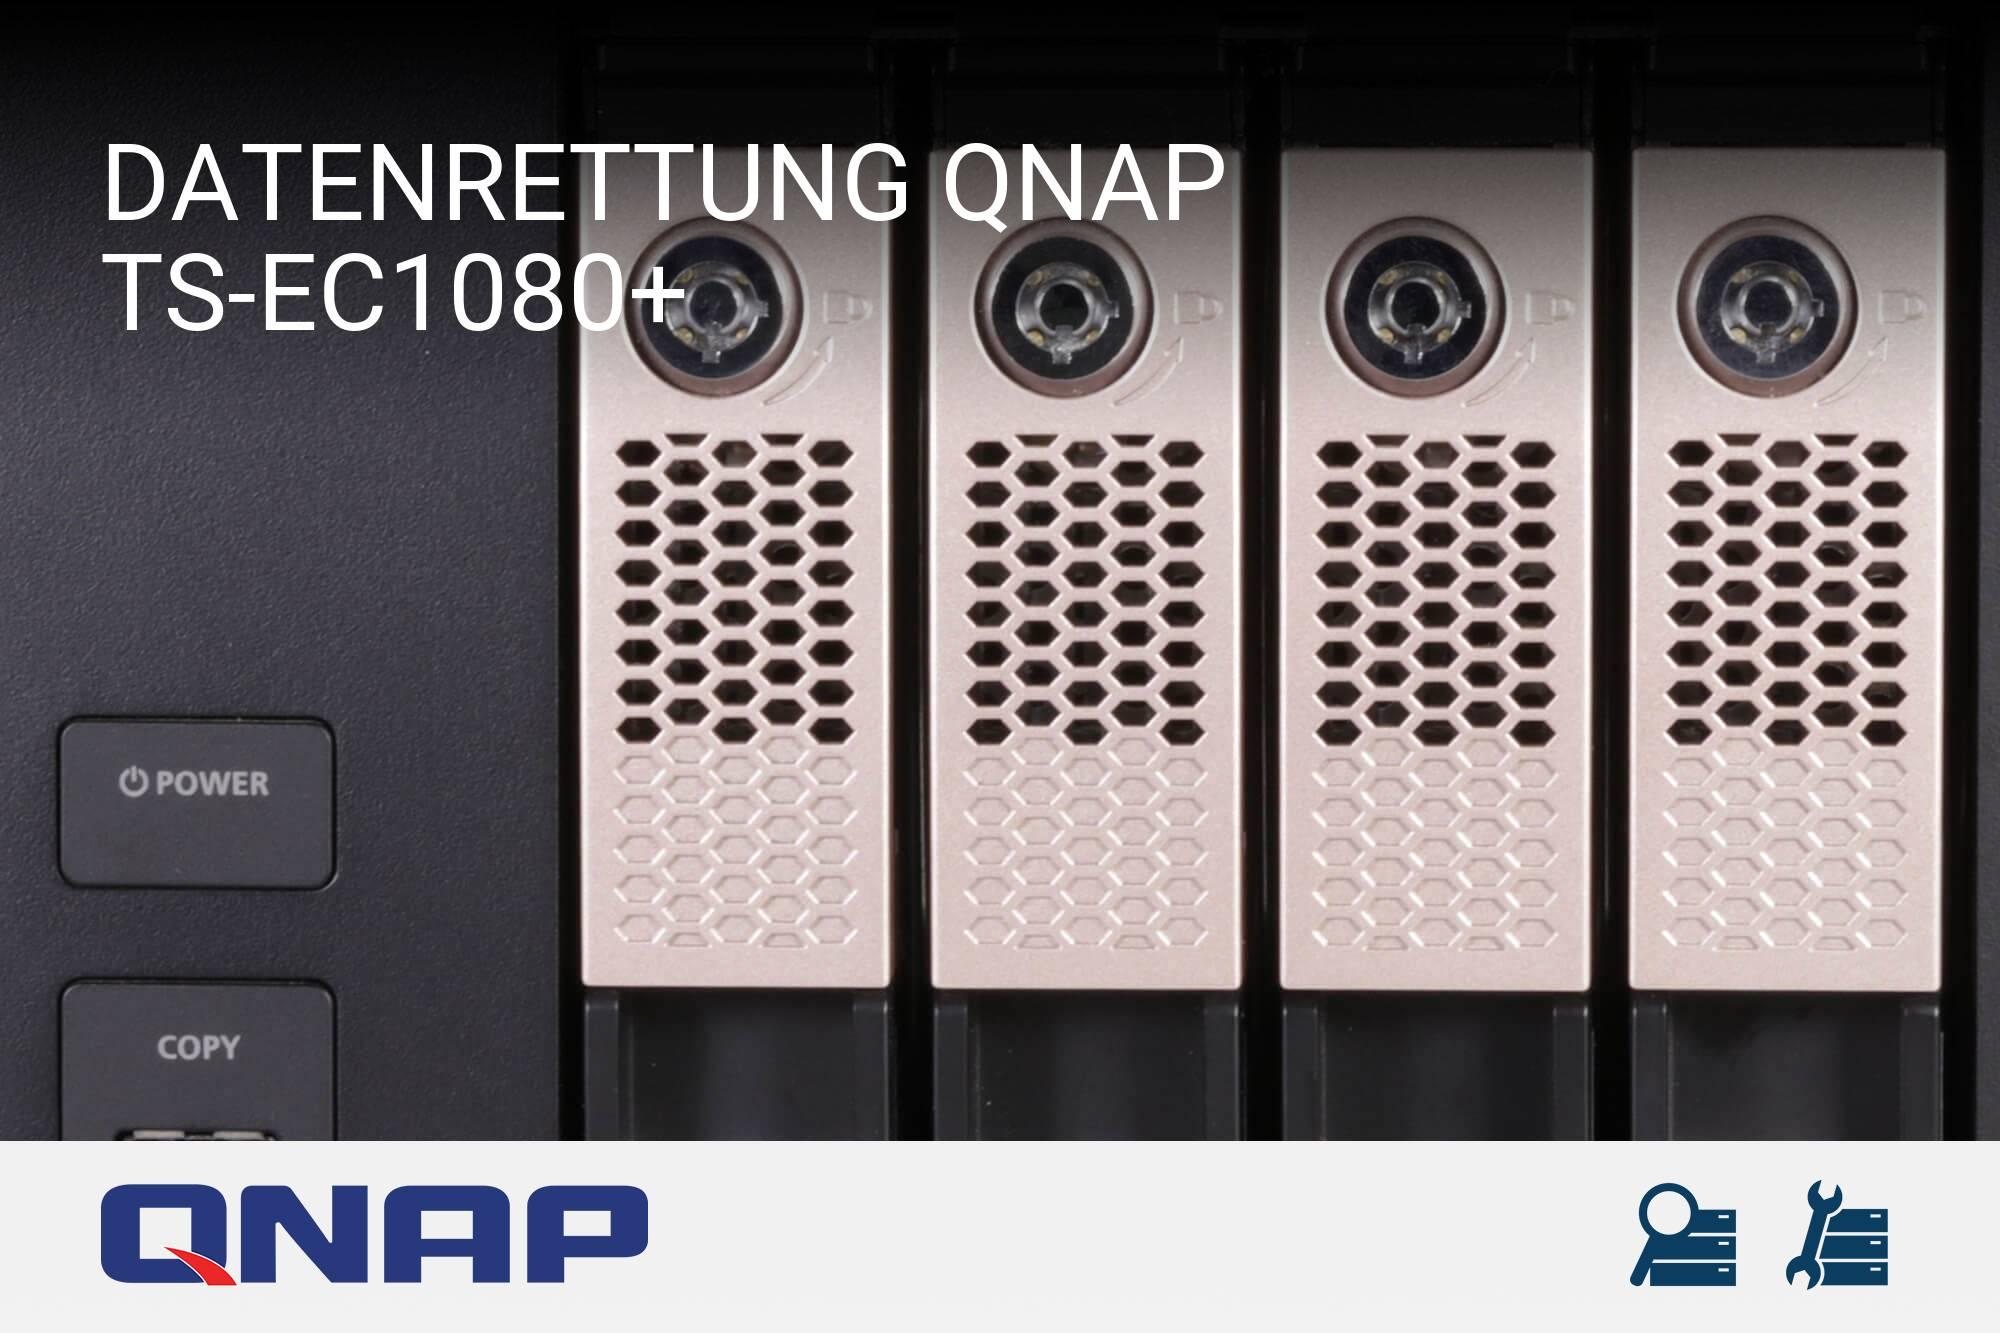 QNAP TS-EC1080+